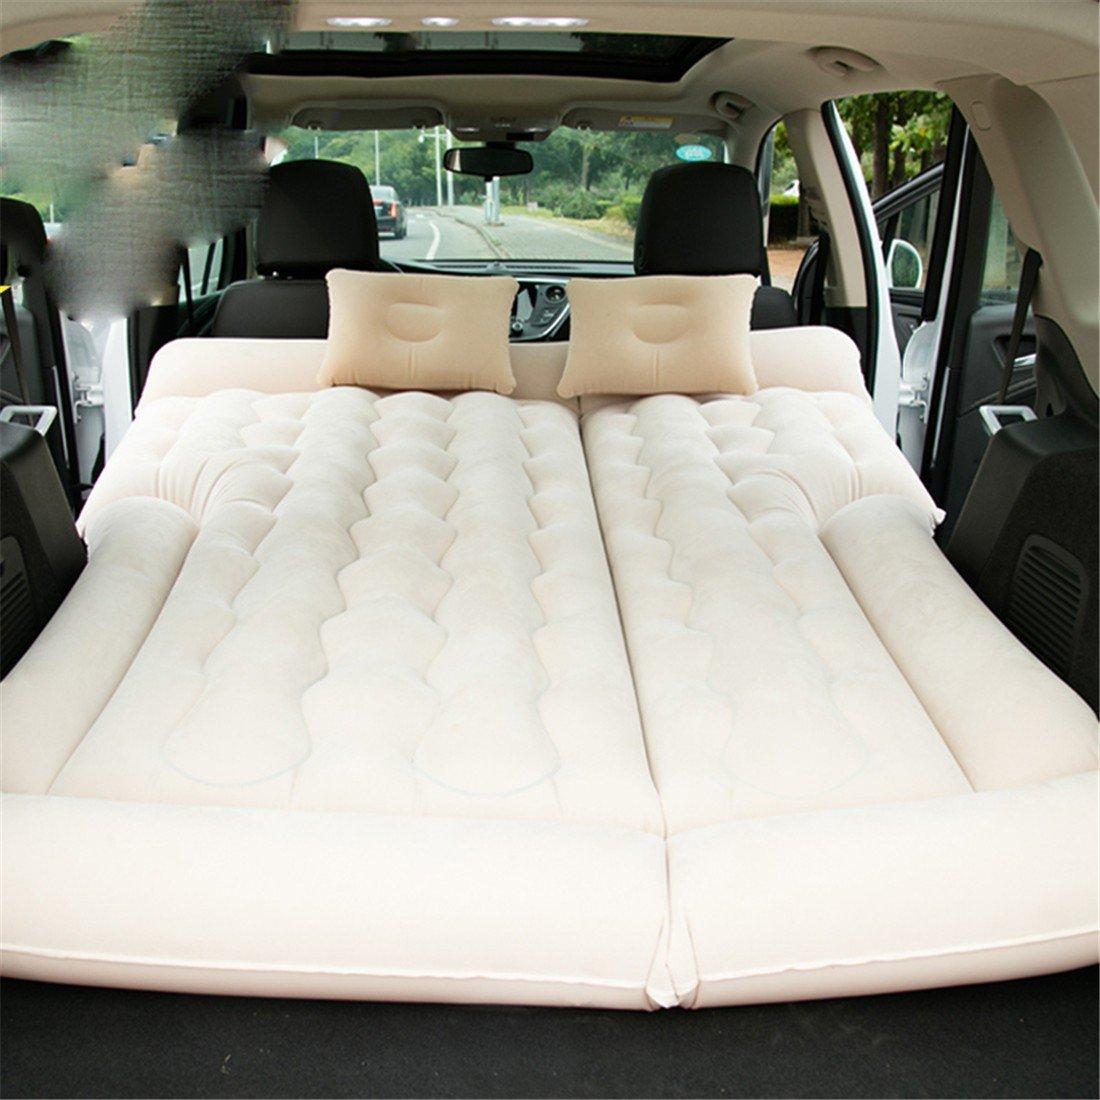 STAZSX Auto-Bett-Auto-Matratze Universal Auto aufblasbares Bett, SUV Beige-135x78CM